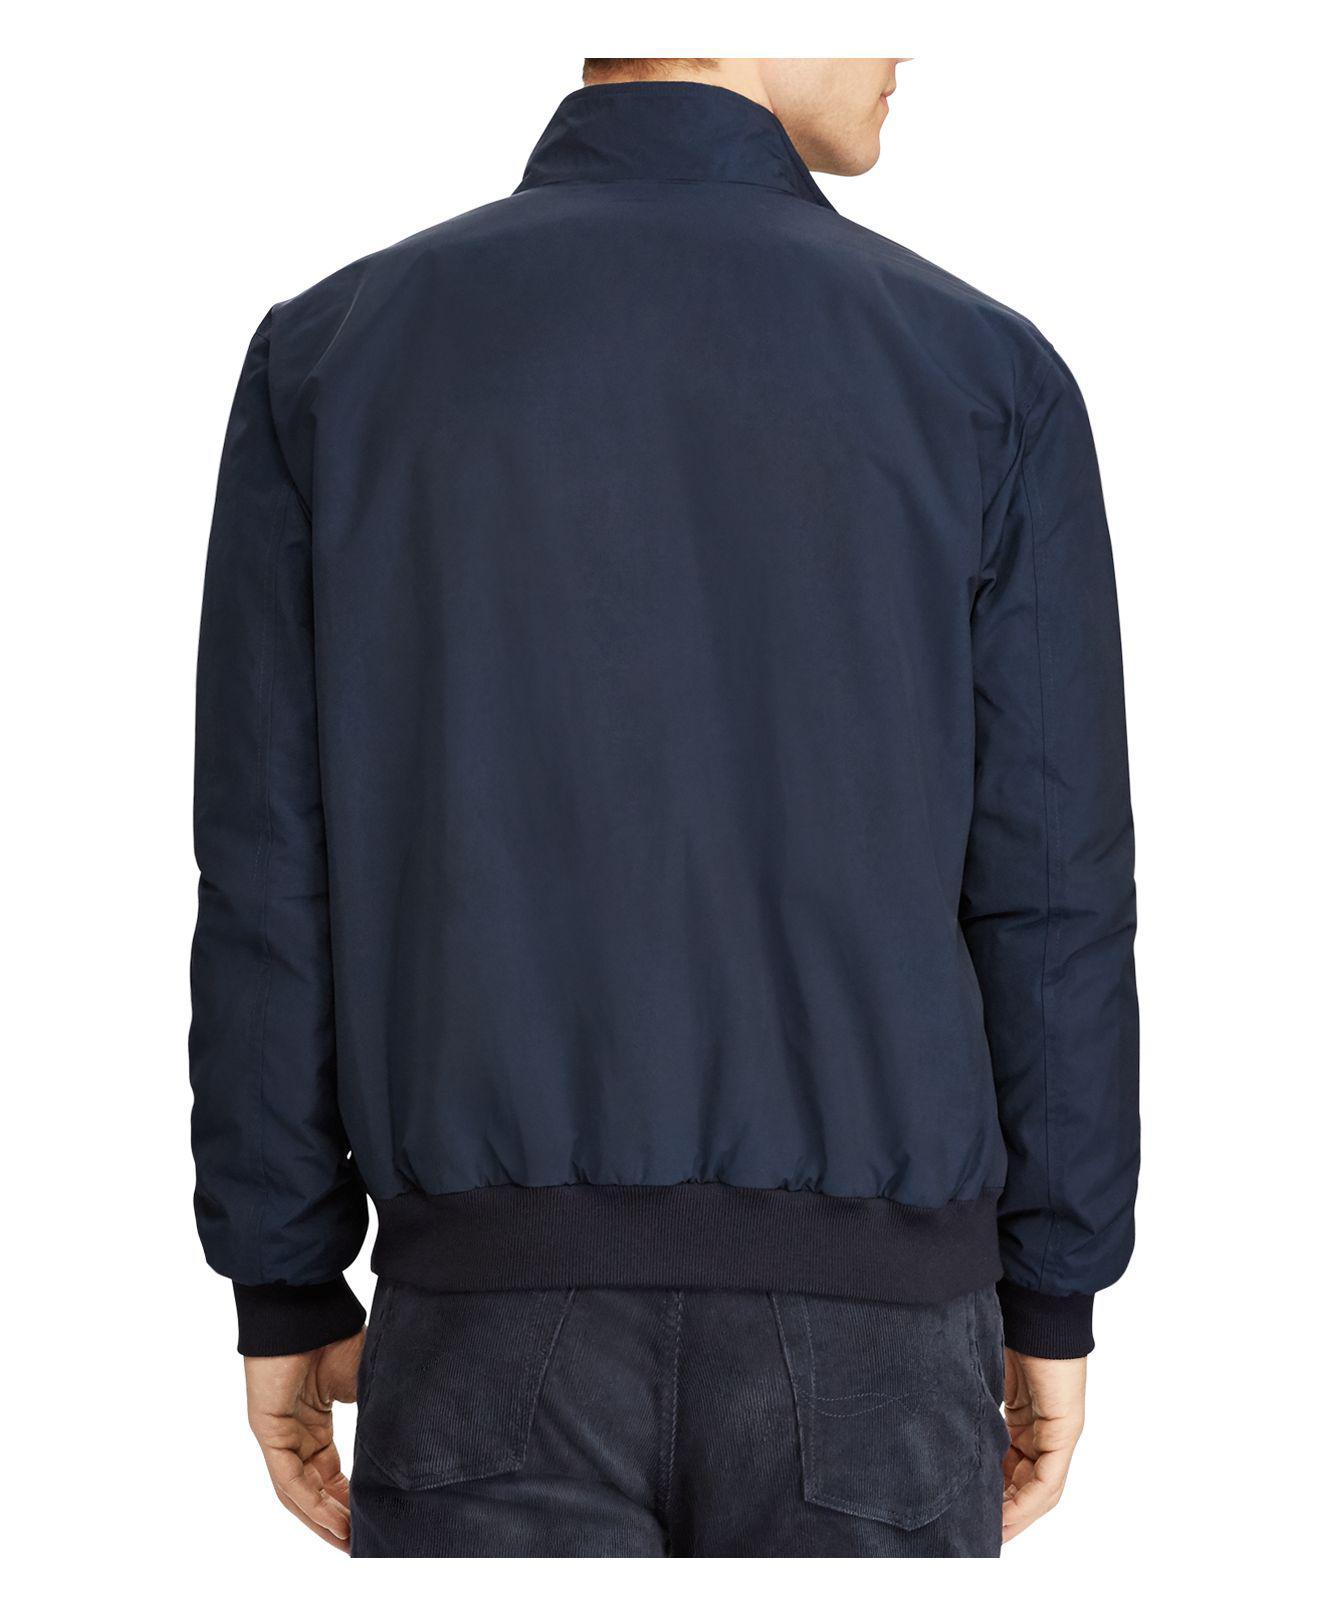 Lyst - Polo ralph lauren Packable Windbreaker Jacket in Blue for Men